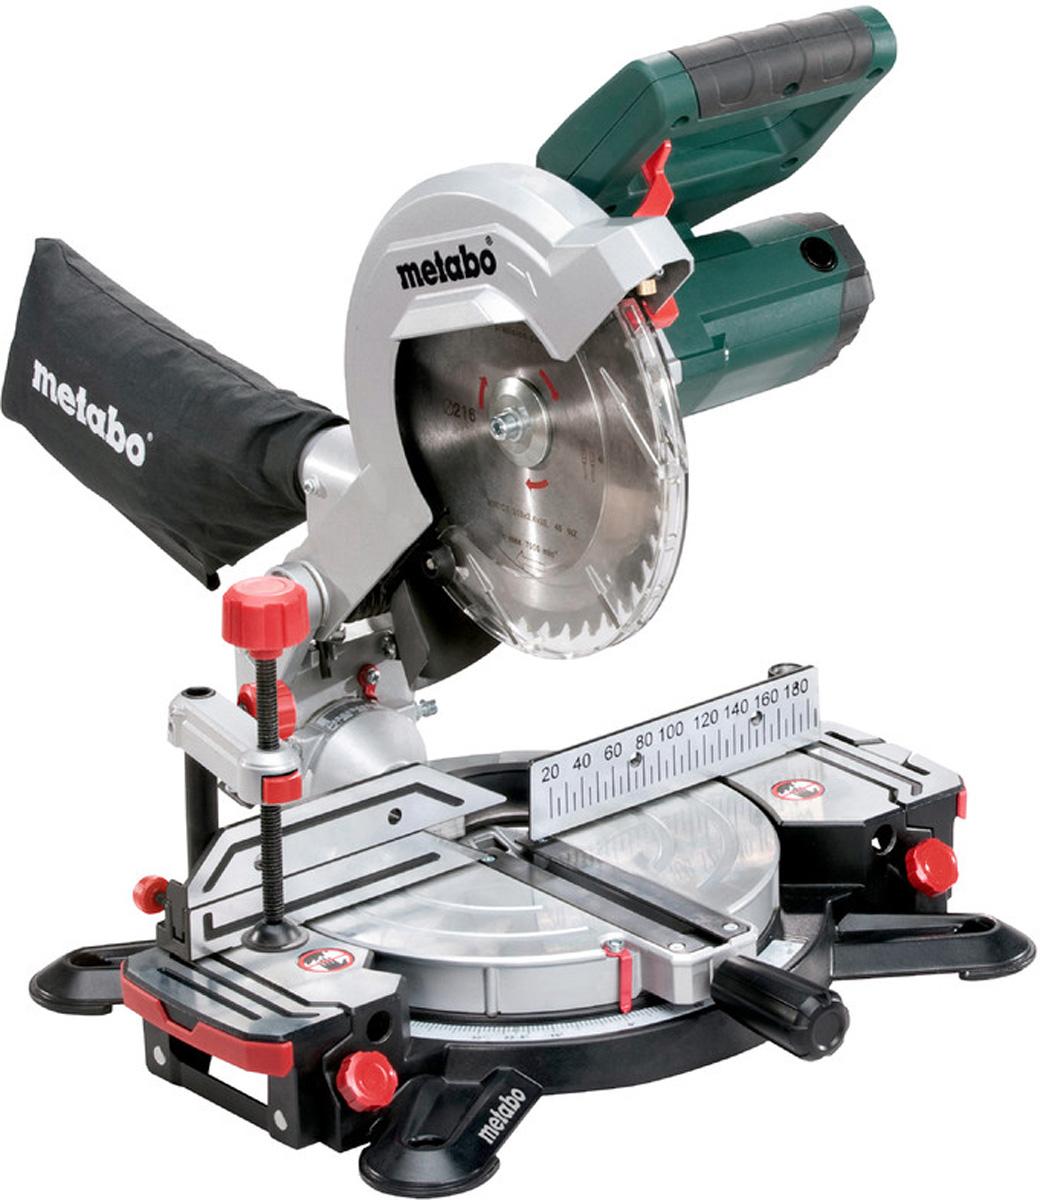 Пила торцовочная Metabo KS216MLasercut619216000Торцовочная пила Metabo KS 216 M Lasercut имеет корпус изалюминиевого литья, что гарантирует долгий срок службы.Надежную фиксацию заготовки сверху и впередиобеспечивают специальные зажимы. Для работы в местах сплохим освещением в пиле предусмотрена светодиоднаяподсветка, а для высокой точности пиления - лазерныйуказатель. D-образная рукоятка с мягкими накладками - длякомфортной работы. Рабочее место всегда останетсячистым, так как модель оснащена мешком для сбора опилок.Особенности:Прочная конструкция благодаря корпусу из алюминиевоголитья под давлением для самых сложных условий. Простая транспортировка благодаря эргономичным ручкамдля переноски и блокировка пильной головки. Эффективный отвод опилок через встроенную воронкуприема опилок.Быстрая прецизионная настройка наиболееупотребительных углов через точки фиксации.Лазер для точной индикации линии реза (от сети, батареи не нужны).Плавно выдвигающиеся расширения стола, съемные, дляустановки под длинные панели, рейки.Яркий рабочий светодиодный фонарь для освещения местареза (от сети, батареи не нужны).Высокие упоры, сдвигаемые в стороны, для безопасностираспила.Зажим для материала для надежной фиксации заготовкисверху или впереди.Головка пилы наклоняется влево, с дополнительнымугловым диапазоном для подреза. Все шкалы и элементы управления видны из рабочего положения, управление интуитивное.Объем поставки:Твердосплавное пильное полотно (40 зубьев)2 встроенных расширения стола Торцовочный упор Зажим для материала Инструмент для смены пильного диска Мешок для сбора опилок Пильный диск HW/CT 216X30.